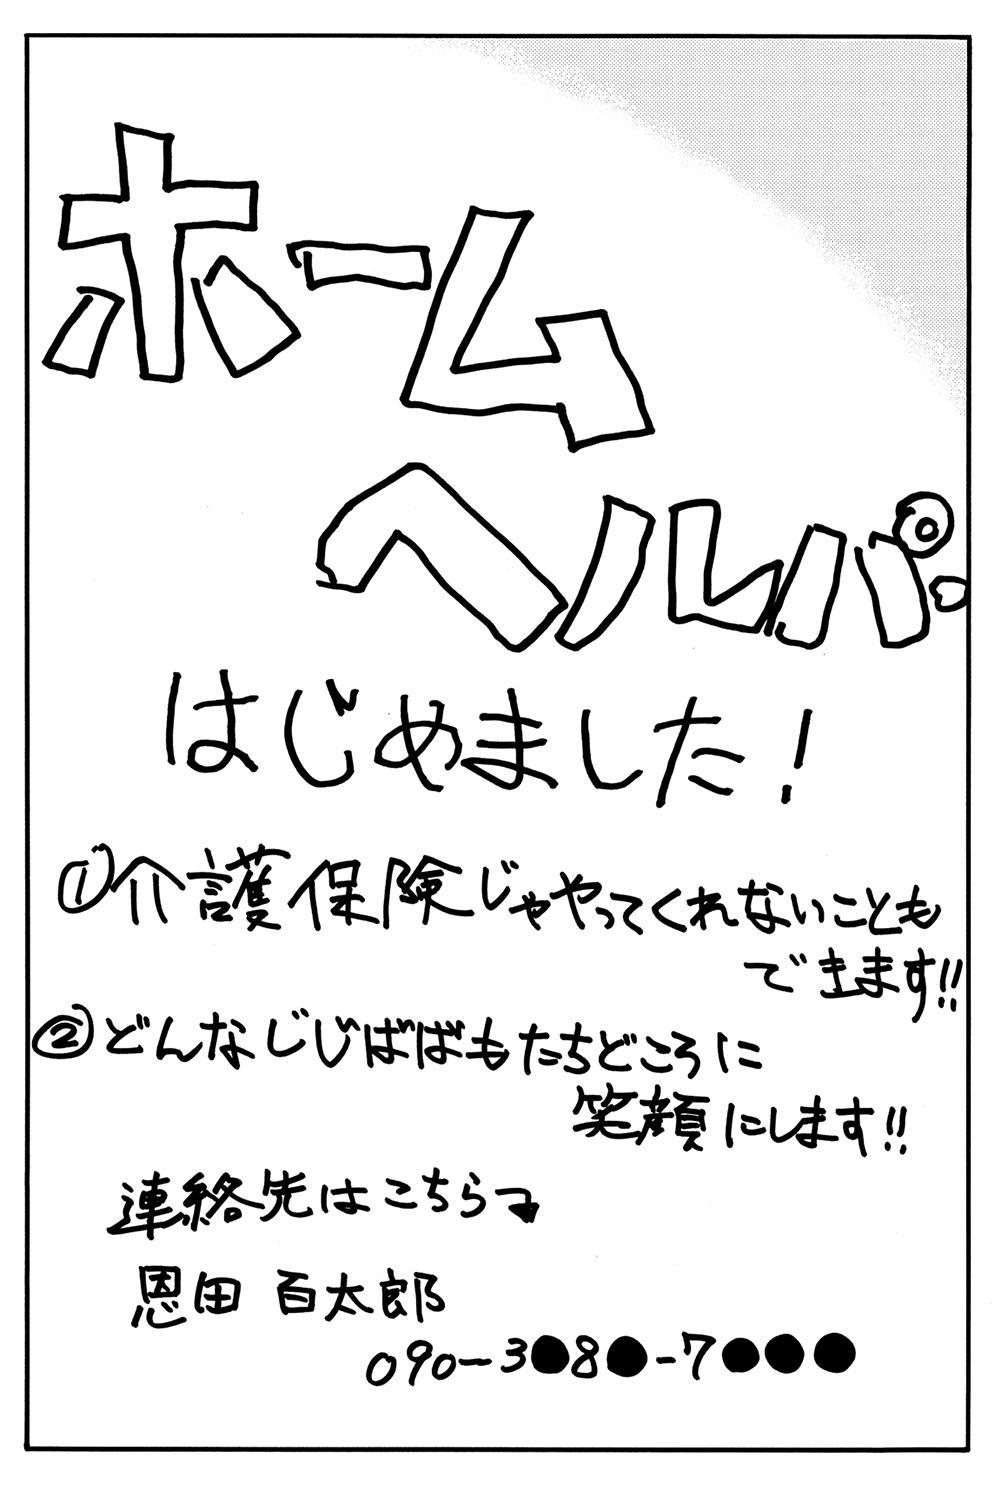 ヘルプマン!! 第1話「フリー介護士現る!」help1-7.jpg